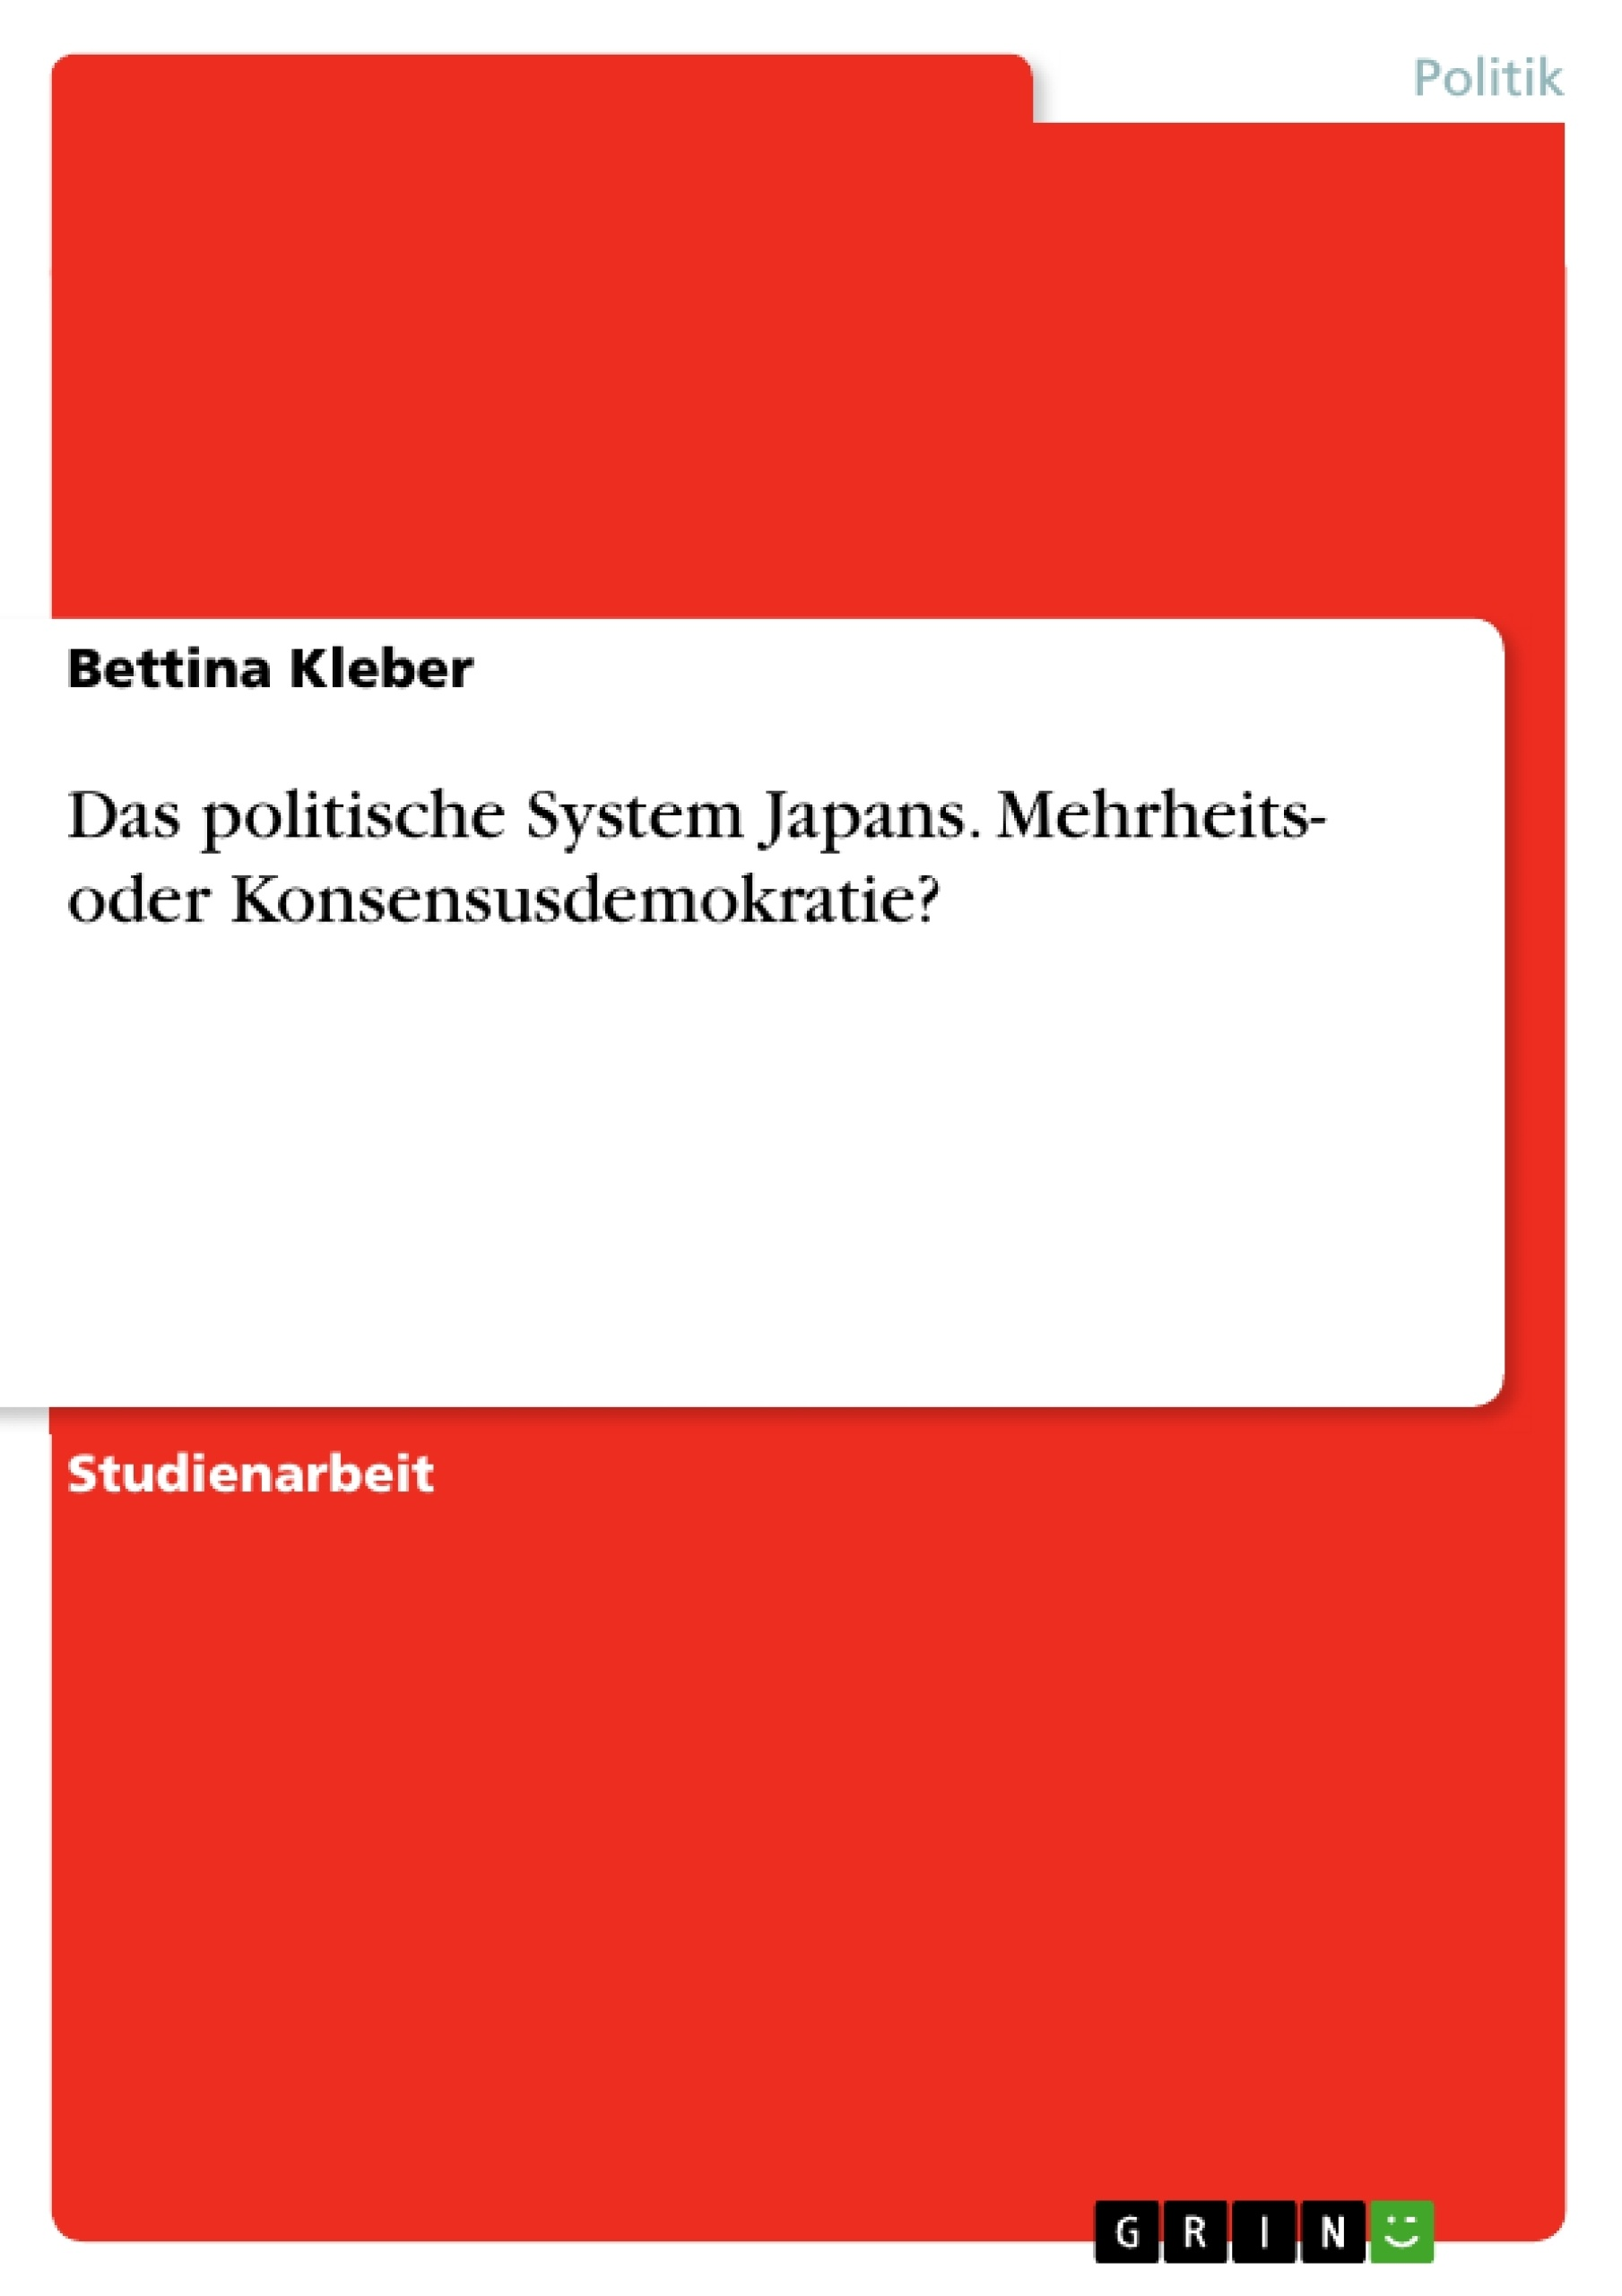 Titel: Das politische System Japans. Mehrheits- oder Konsensusdemokratie?